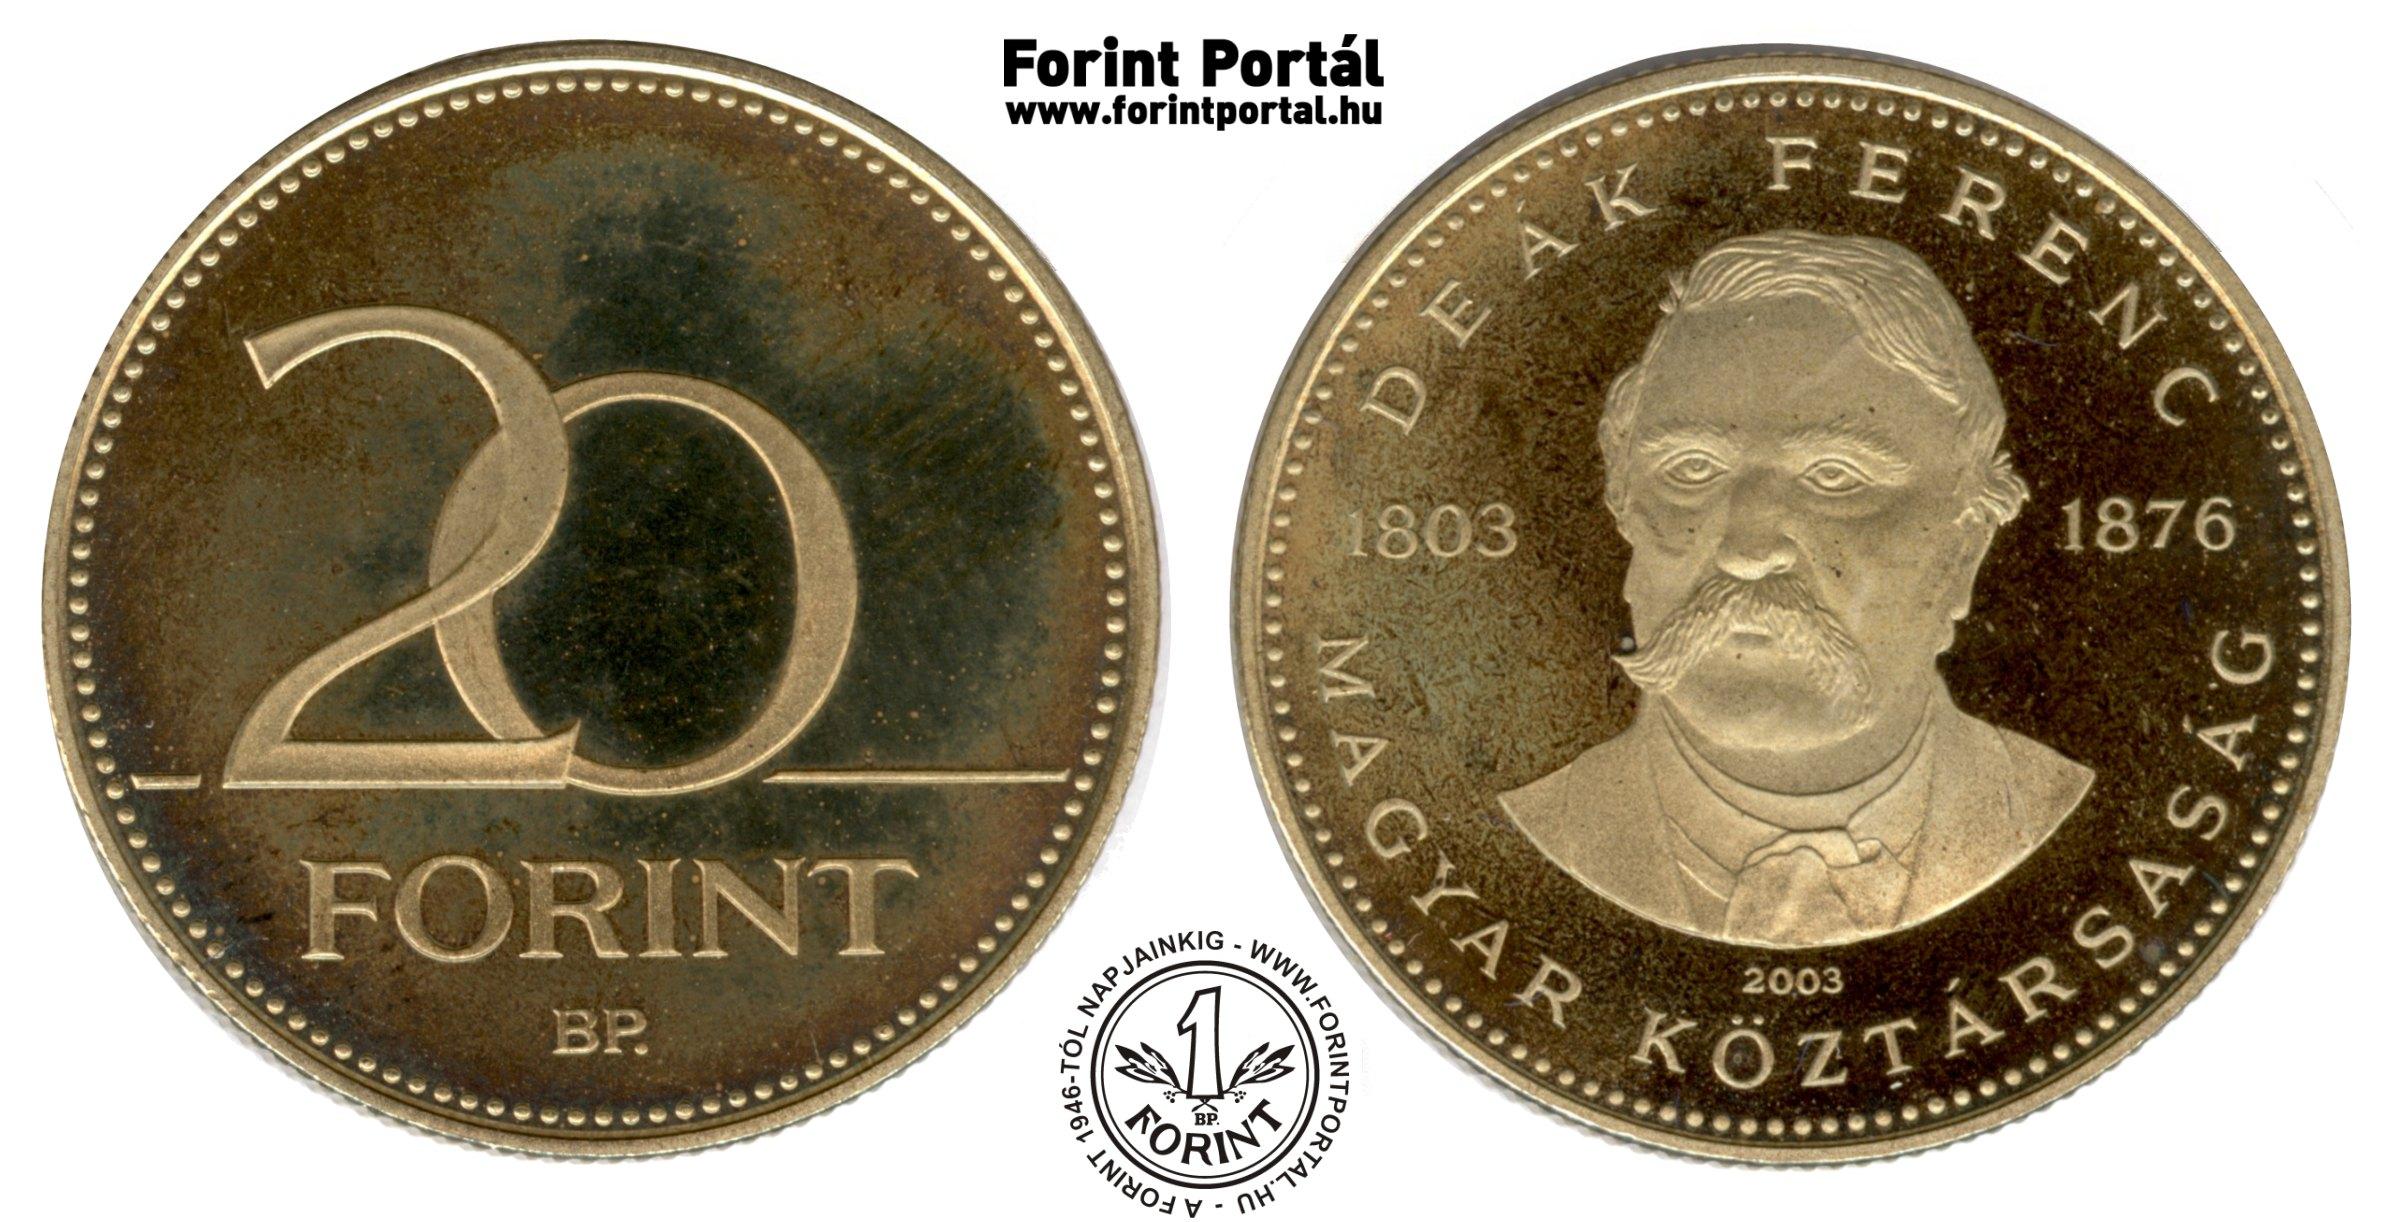 http://www.forintportal.hu/ritkasagkatalogus/20_forint/www_forintportal_hu_2003_20forint_deak_emlek_pp.jpg